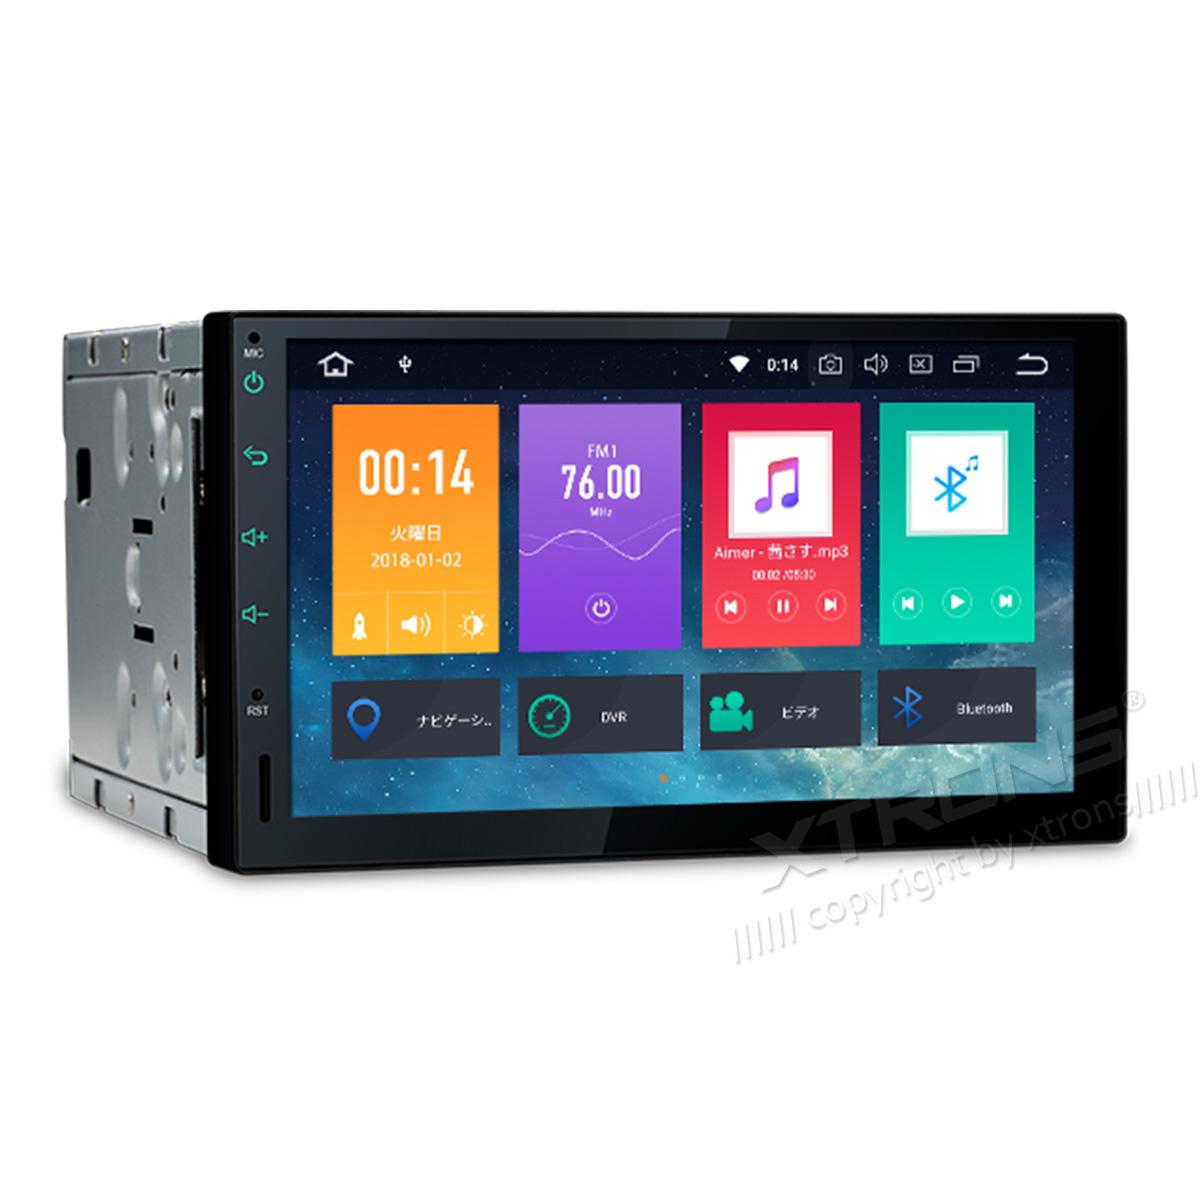 XTRONS 8コア Android8.0 カーナビ 静電式 2DIN 一体型車載PC 7インチ ROM32GB+RAM2GB OBD2 4G WIFI ミラーリング TPMS搭載可(TB708PL)